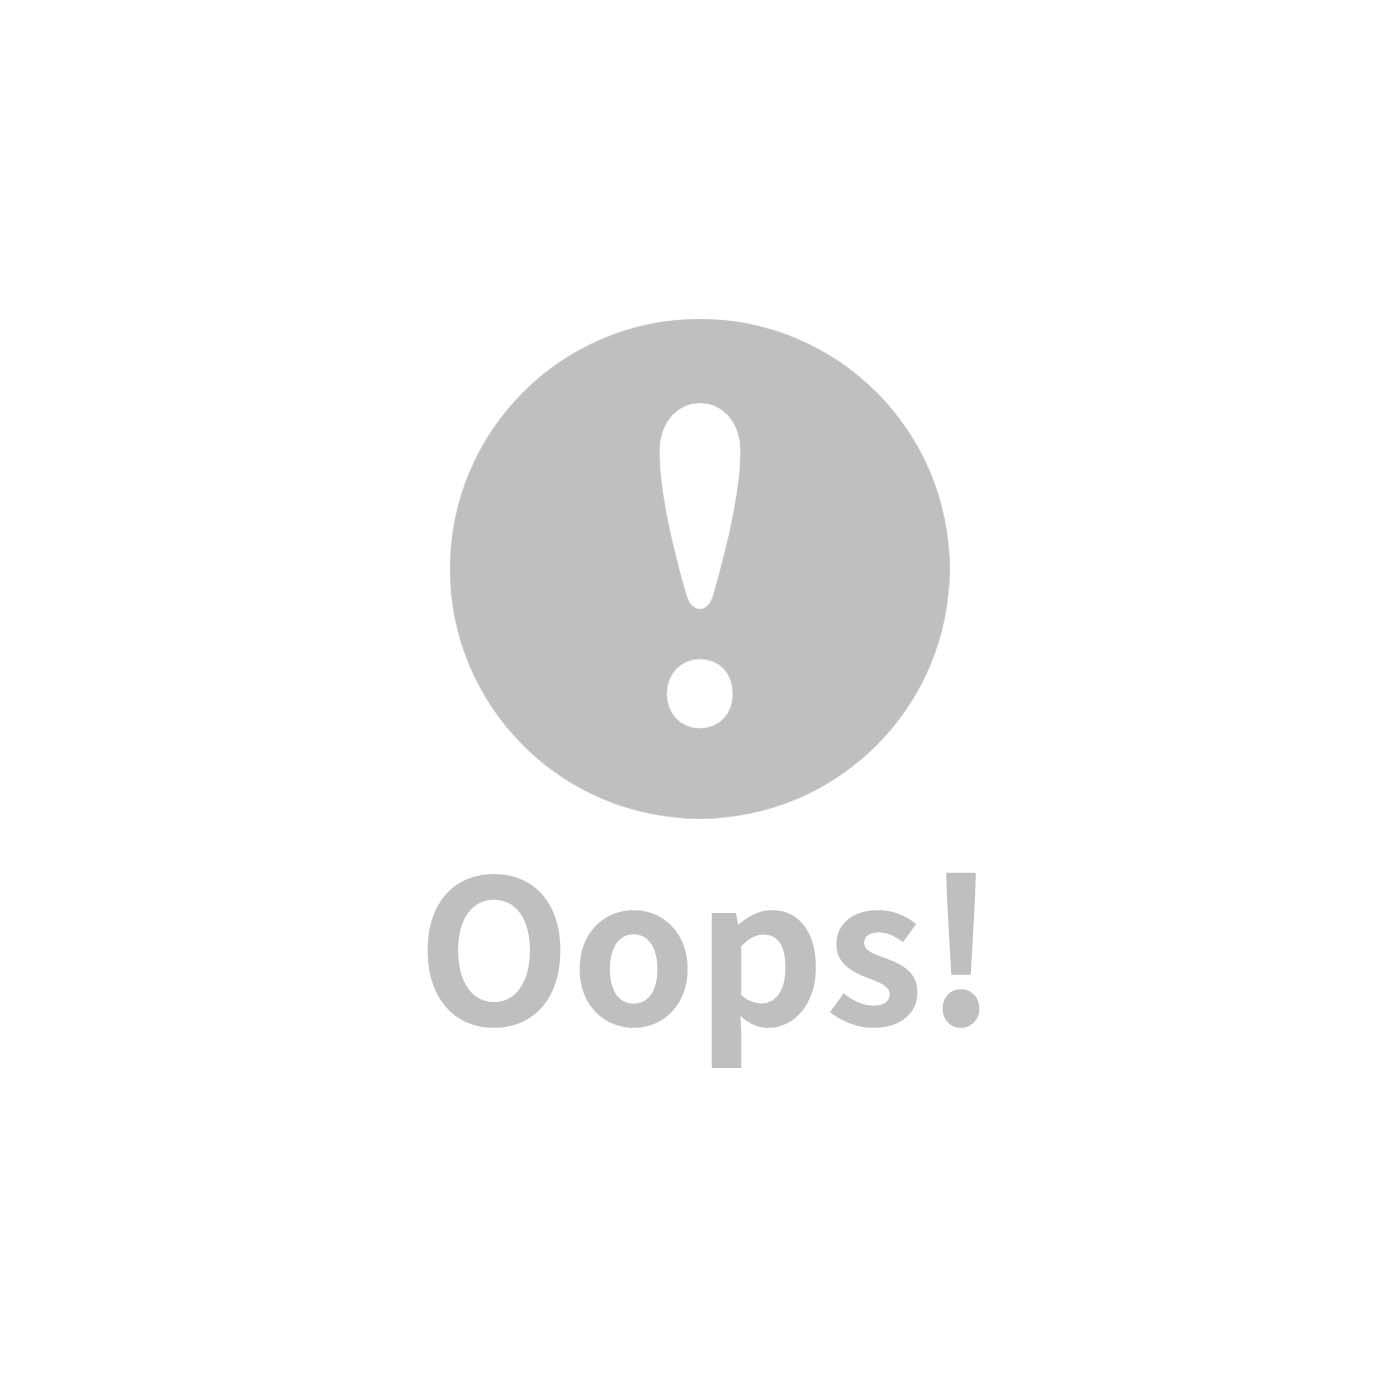 嬰兒用品,寶寶用品,兒童用品,嬰兒玩具,寶寶玩具,兒童玩具,嬰兒枕頭,寶寶枕頭,兒童枕頭